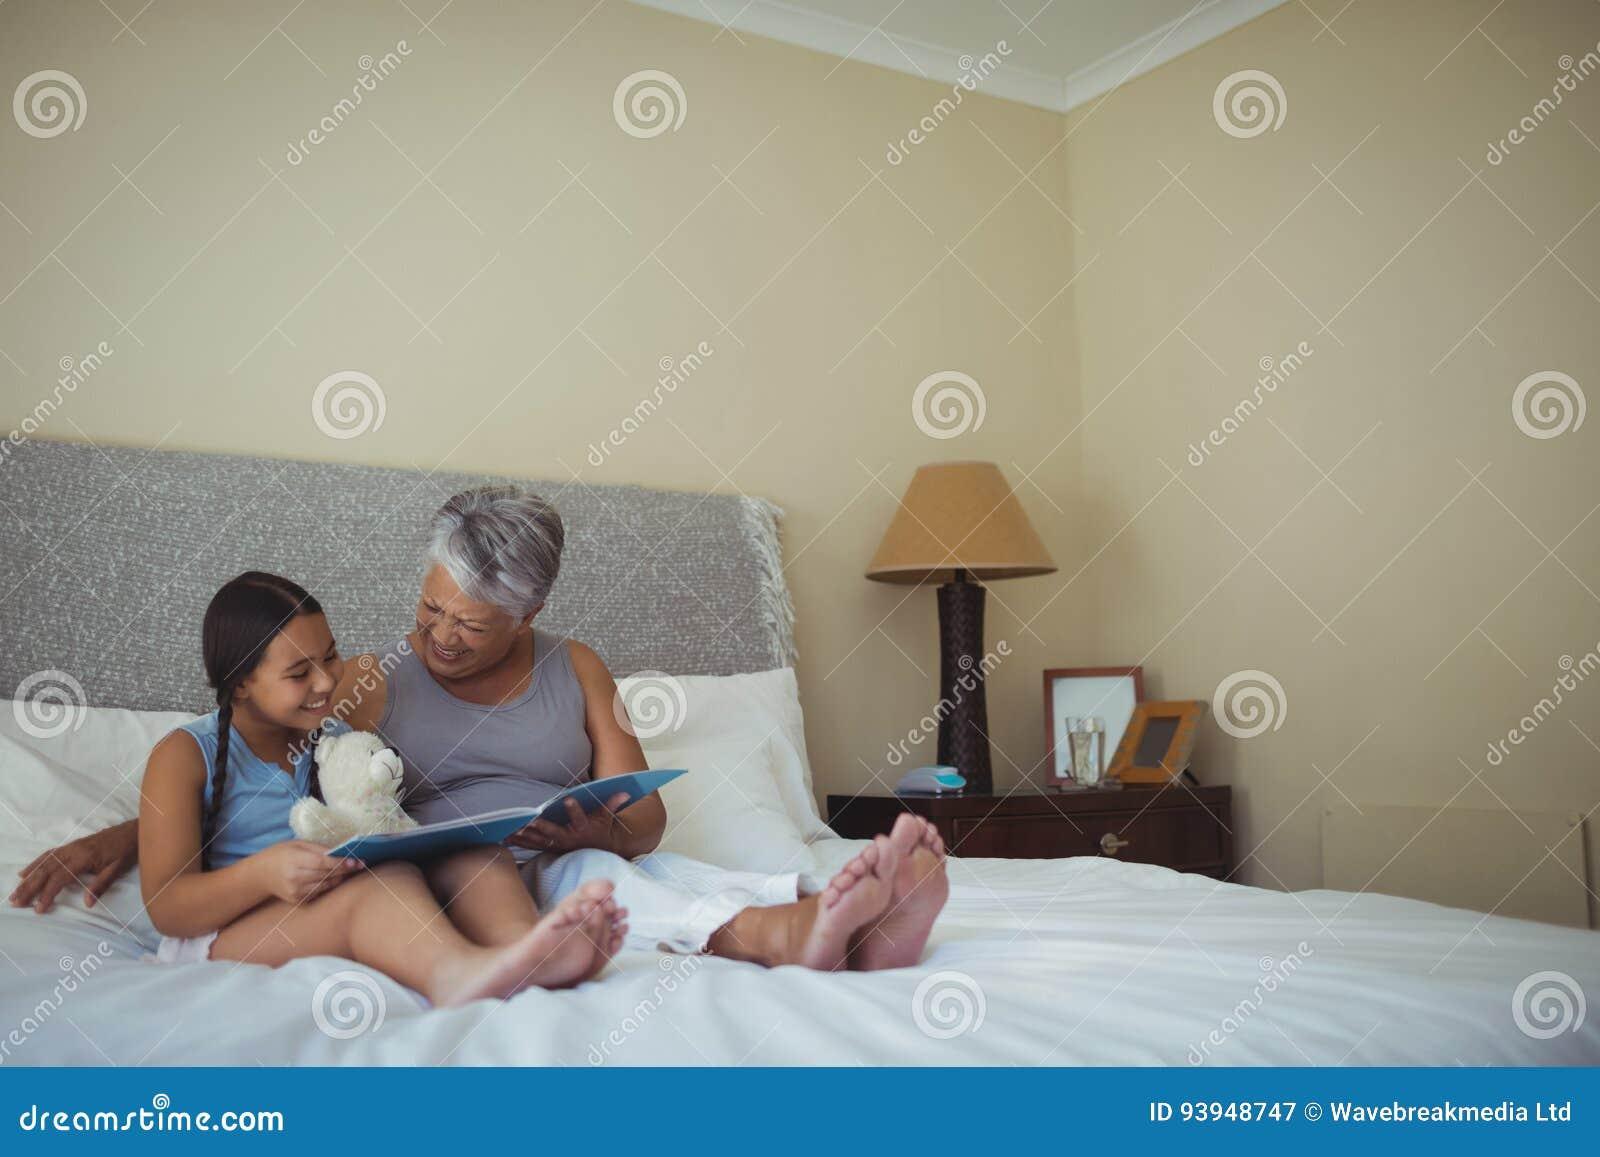 Album Photos De Observation De Grand Mère Et De Petite Fille Ensemble Dans  La Chambre De Lit à La Maison